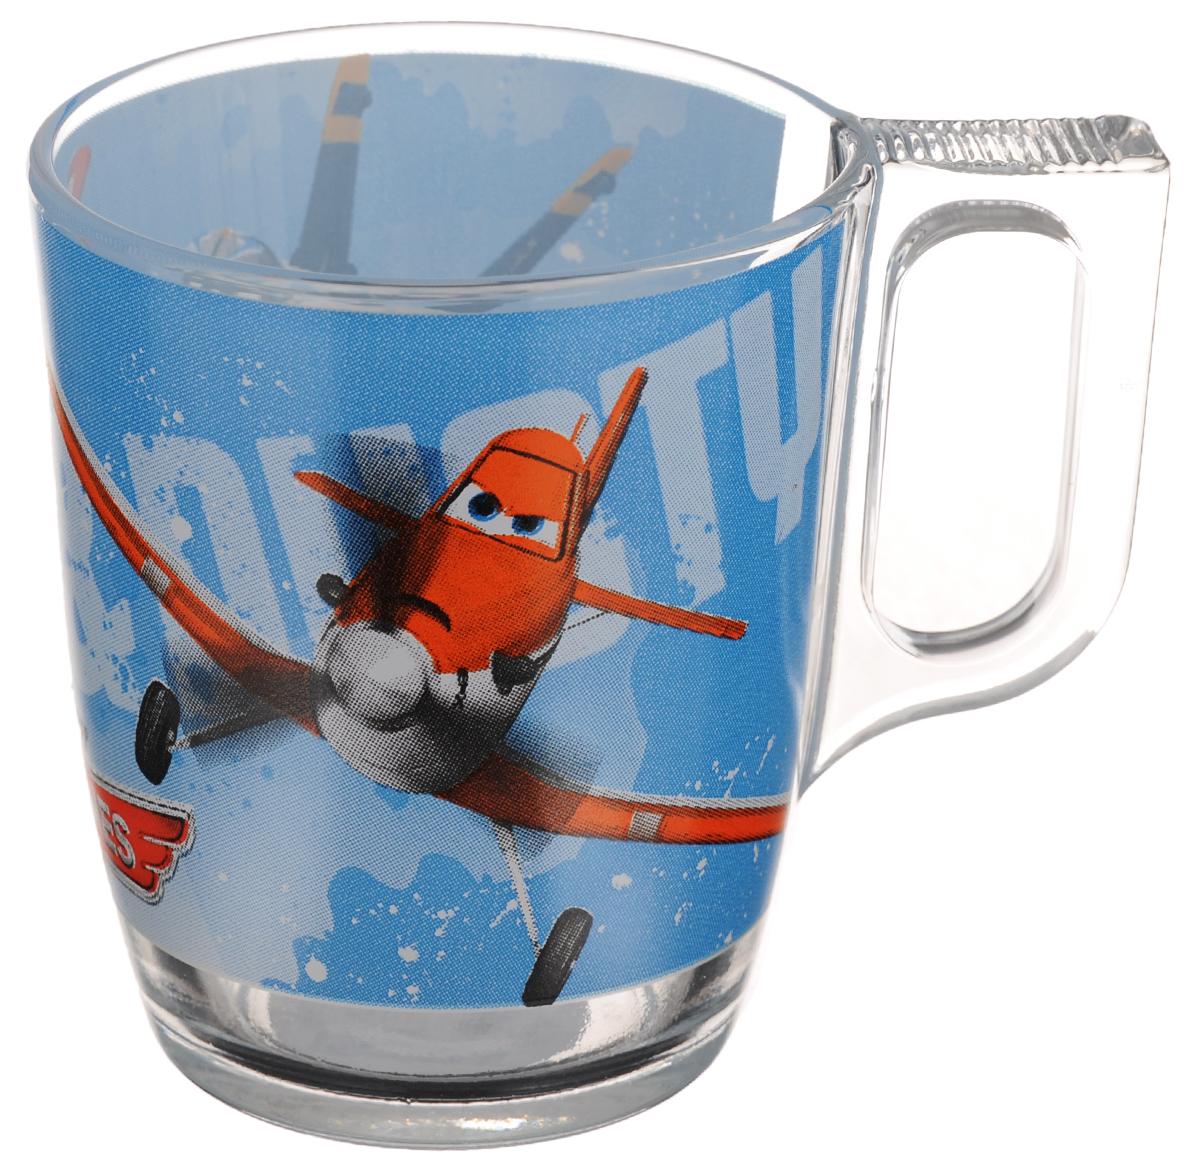 Кружка Luminarc Disney Planes, 250 млJ0800Кружка Luminarc Disney Planes, выполненная из высококачественного стекла, декорирована ярким изображением и предназначена для подачи горячих и холодных напитков. Такая кружка украсит ваш кухонный стол и станет идеальным подарком к любому празднику. Диаметр кружки (по верхнему краю): 7,5 см.